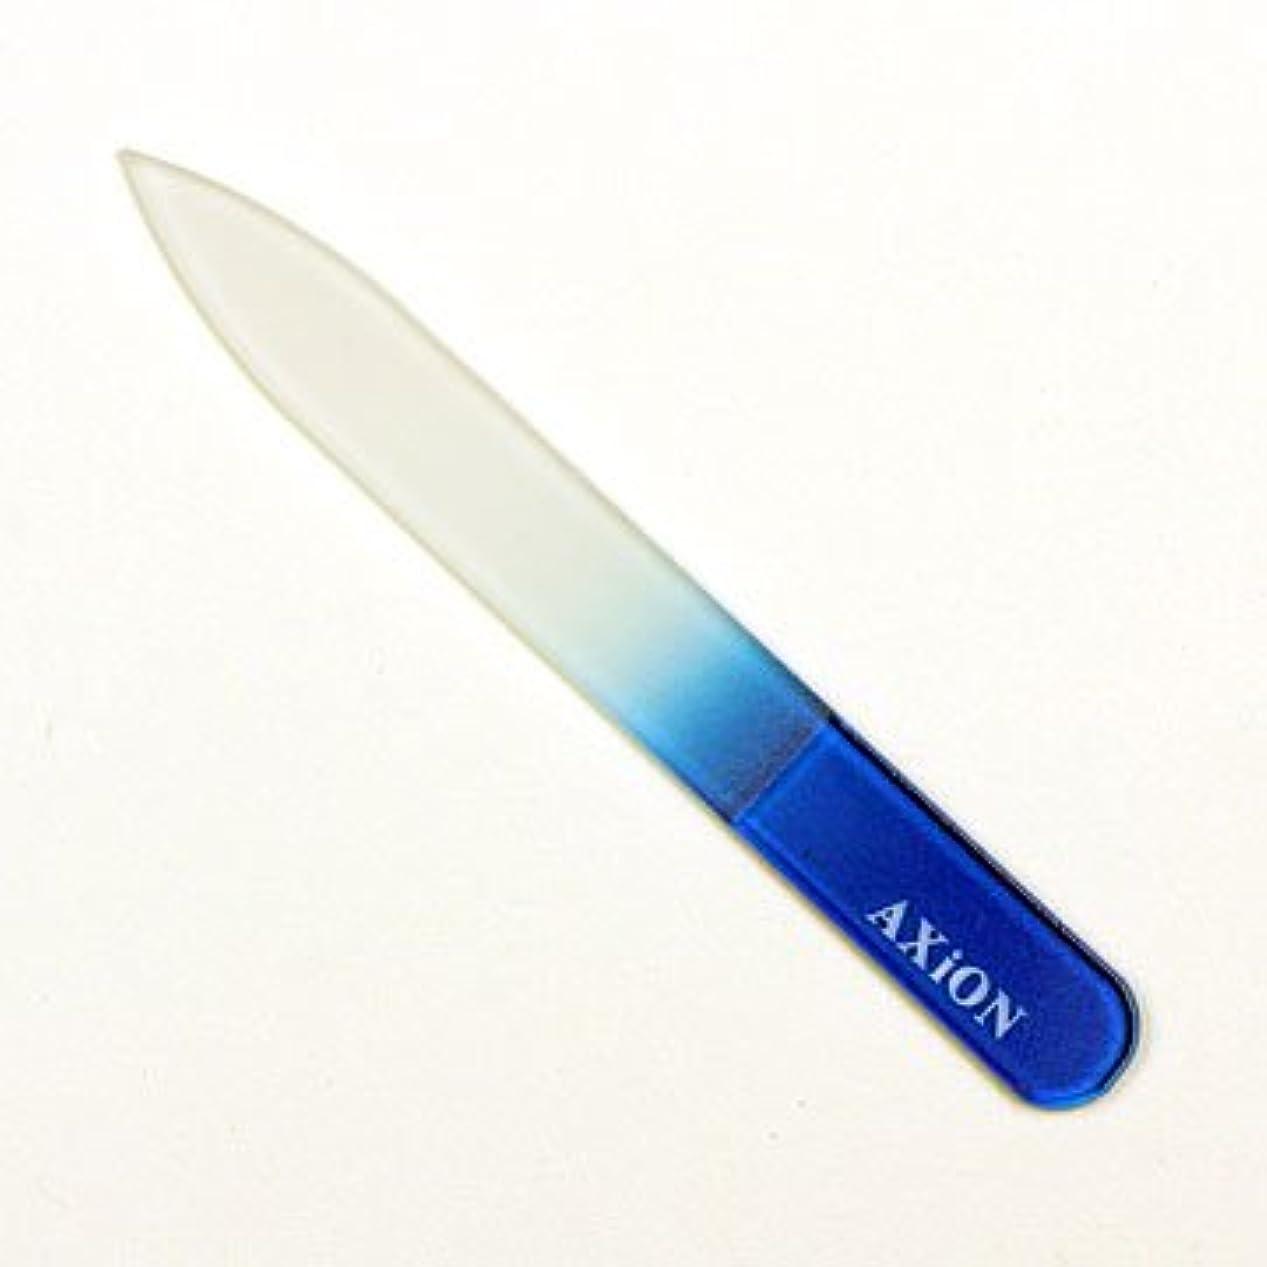 変成器トレーニングポンドチェコ製 AXiON(アクシオン)ガラス製爪ヤスリ(ブルー)両面タイプ #slg009567fba